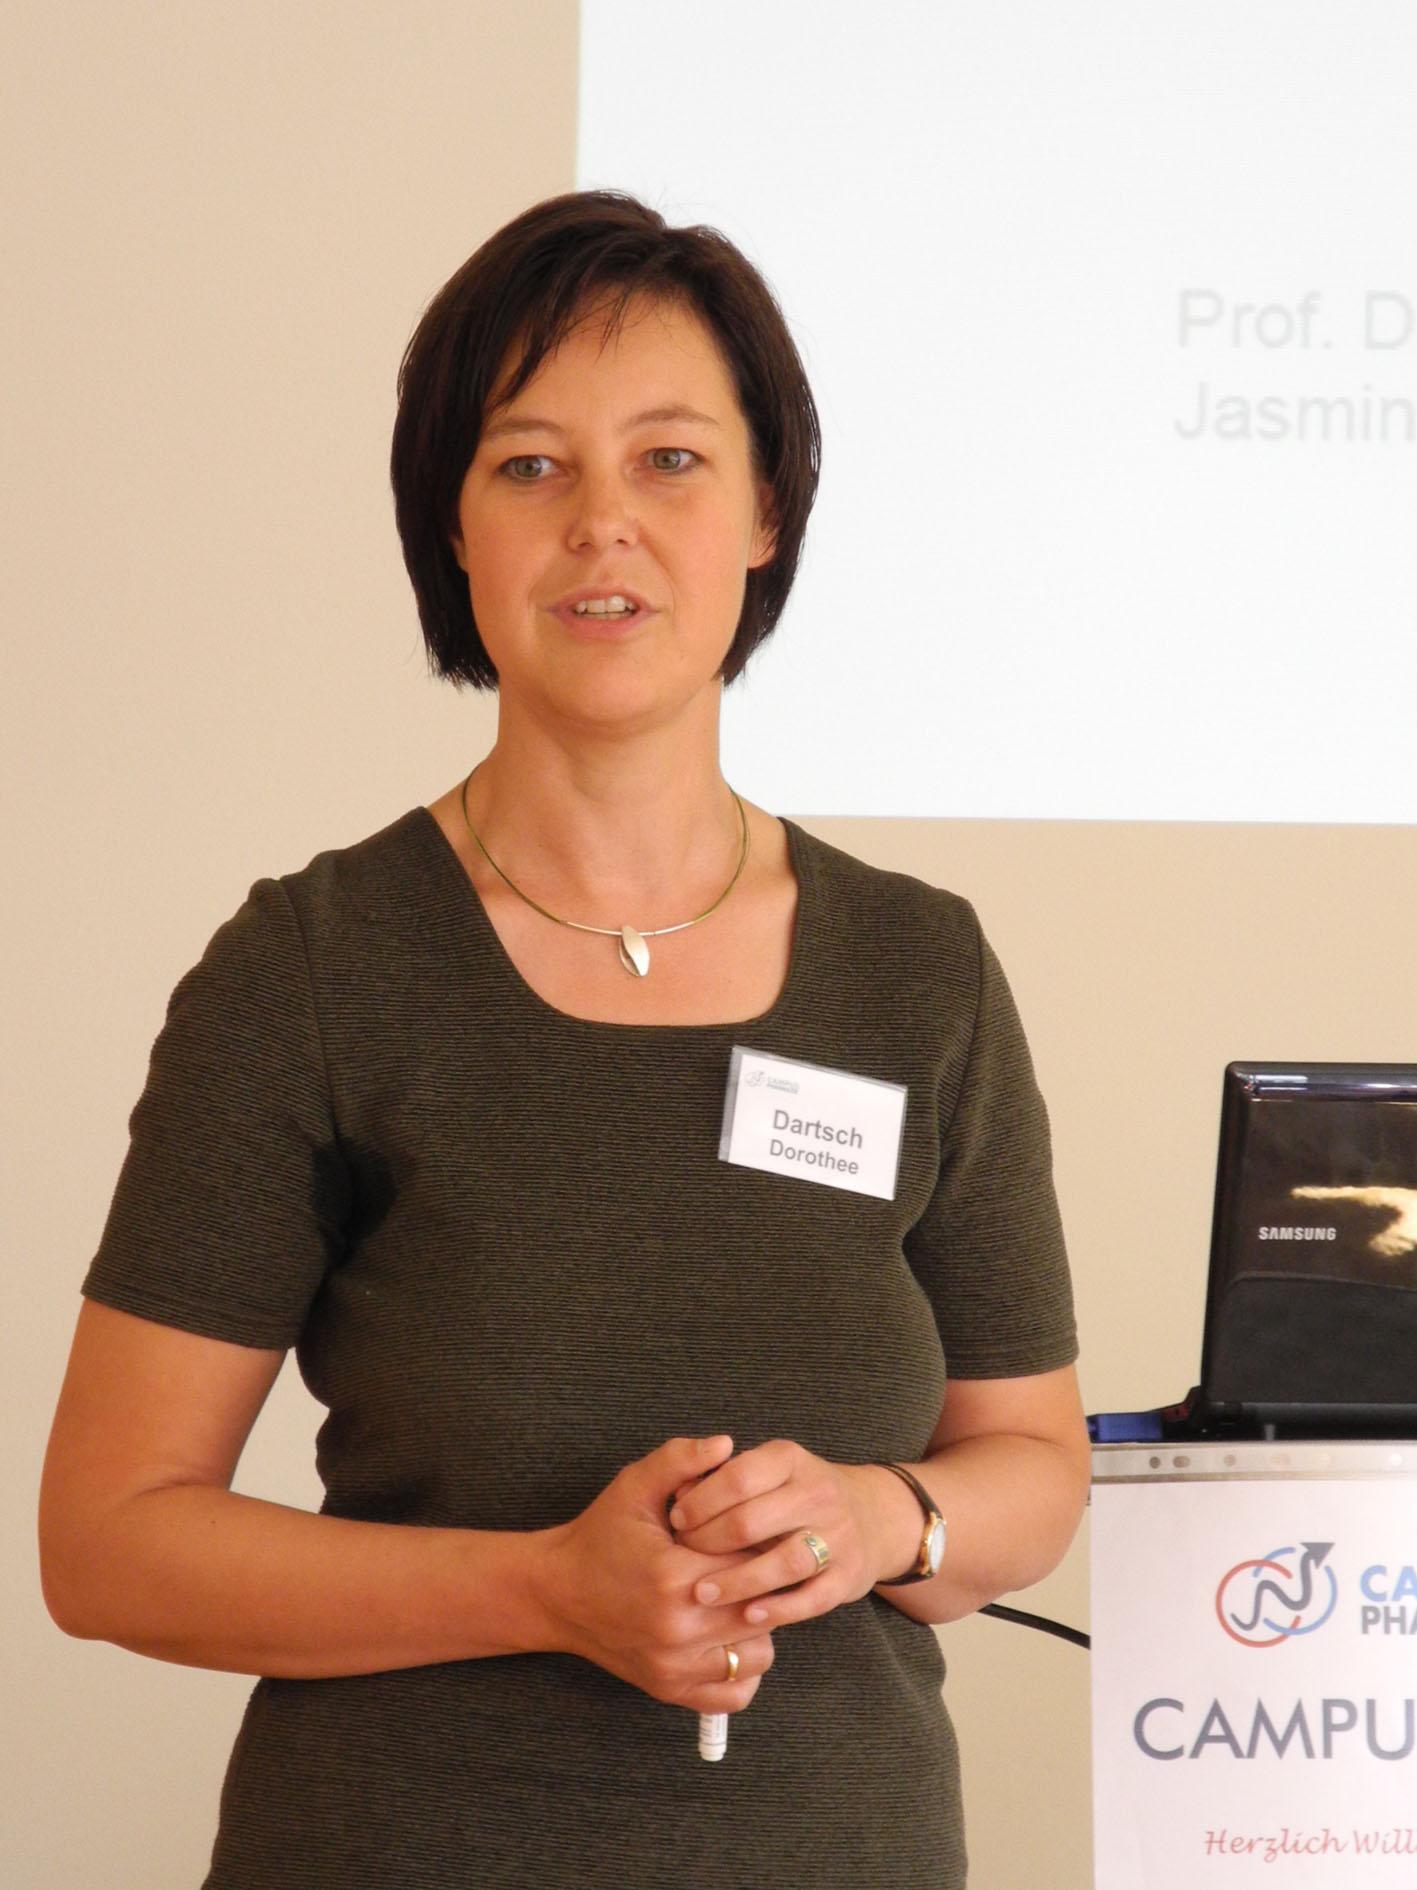 Prof. Dr. Dorothee Dartsch